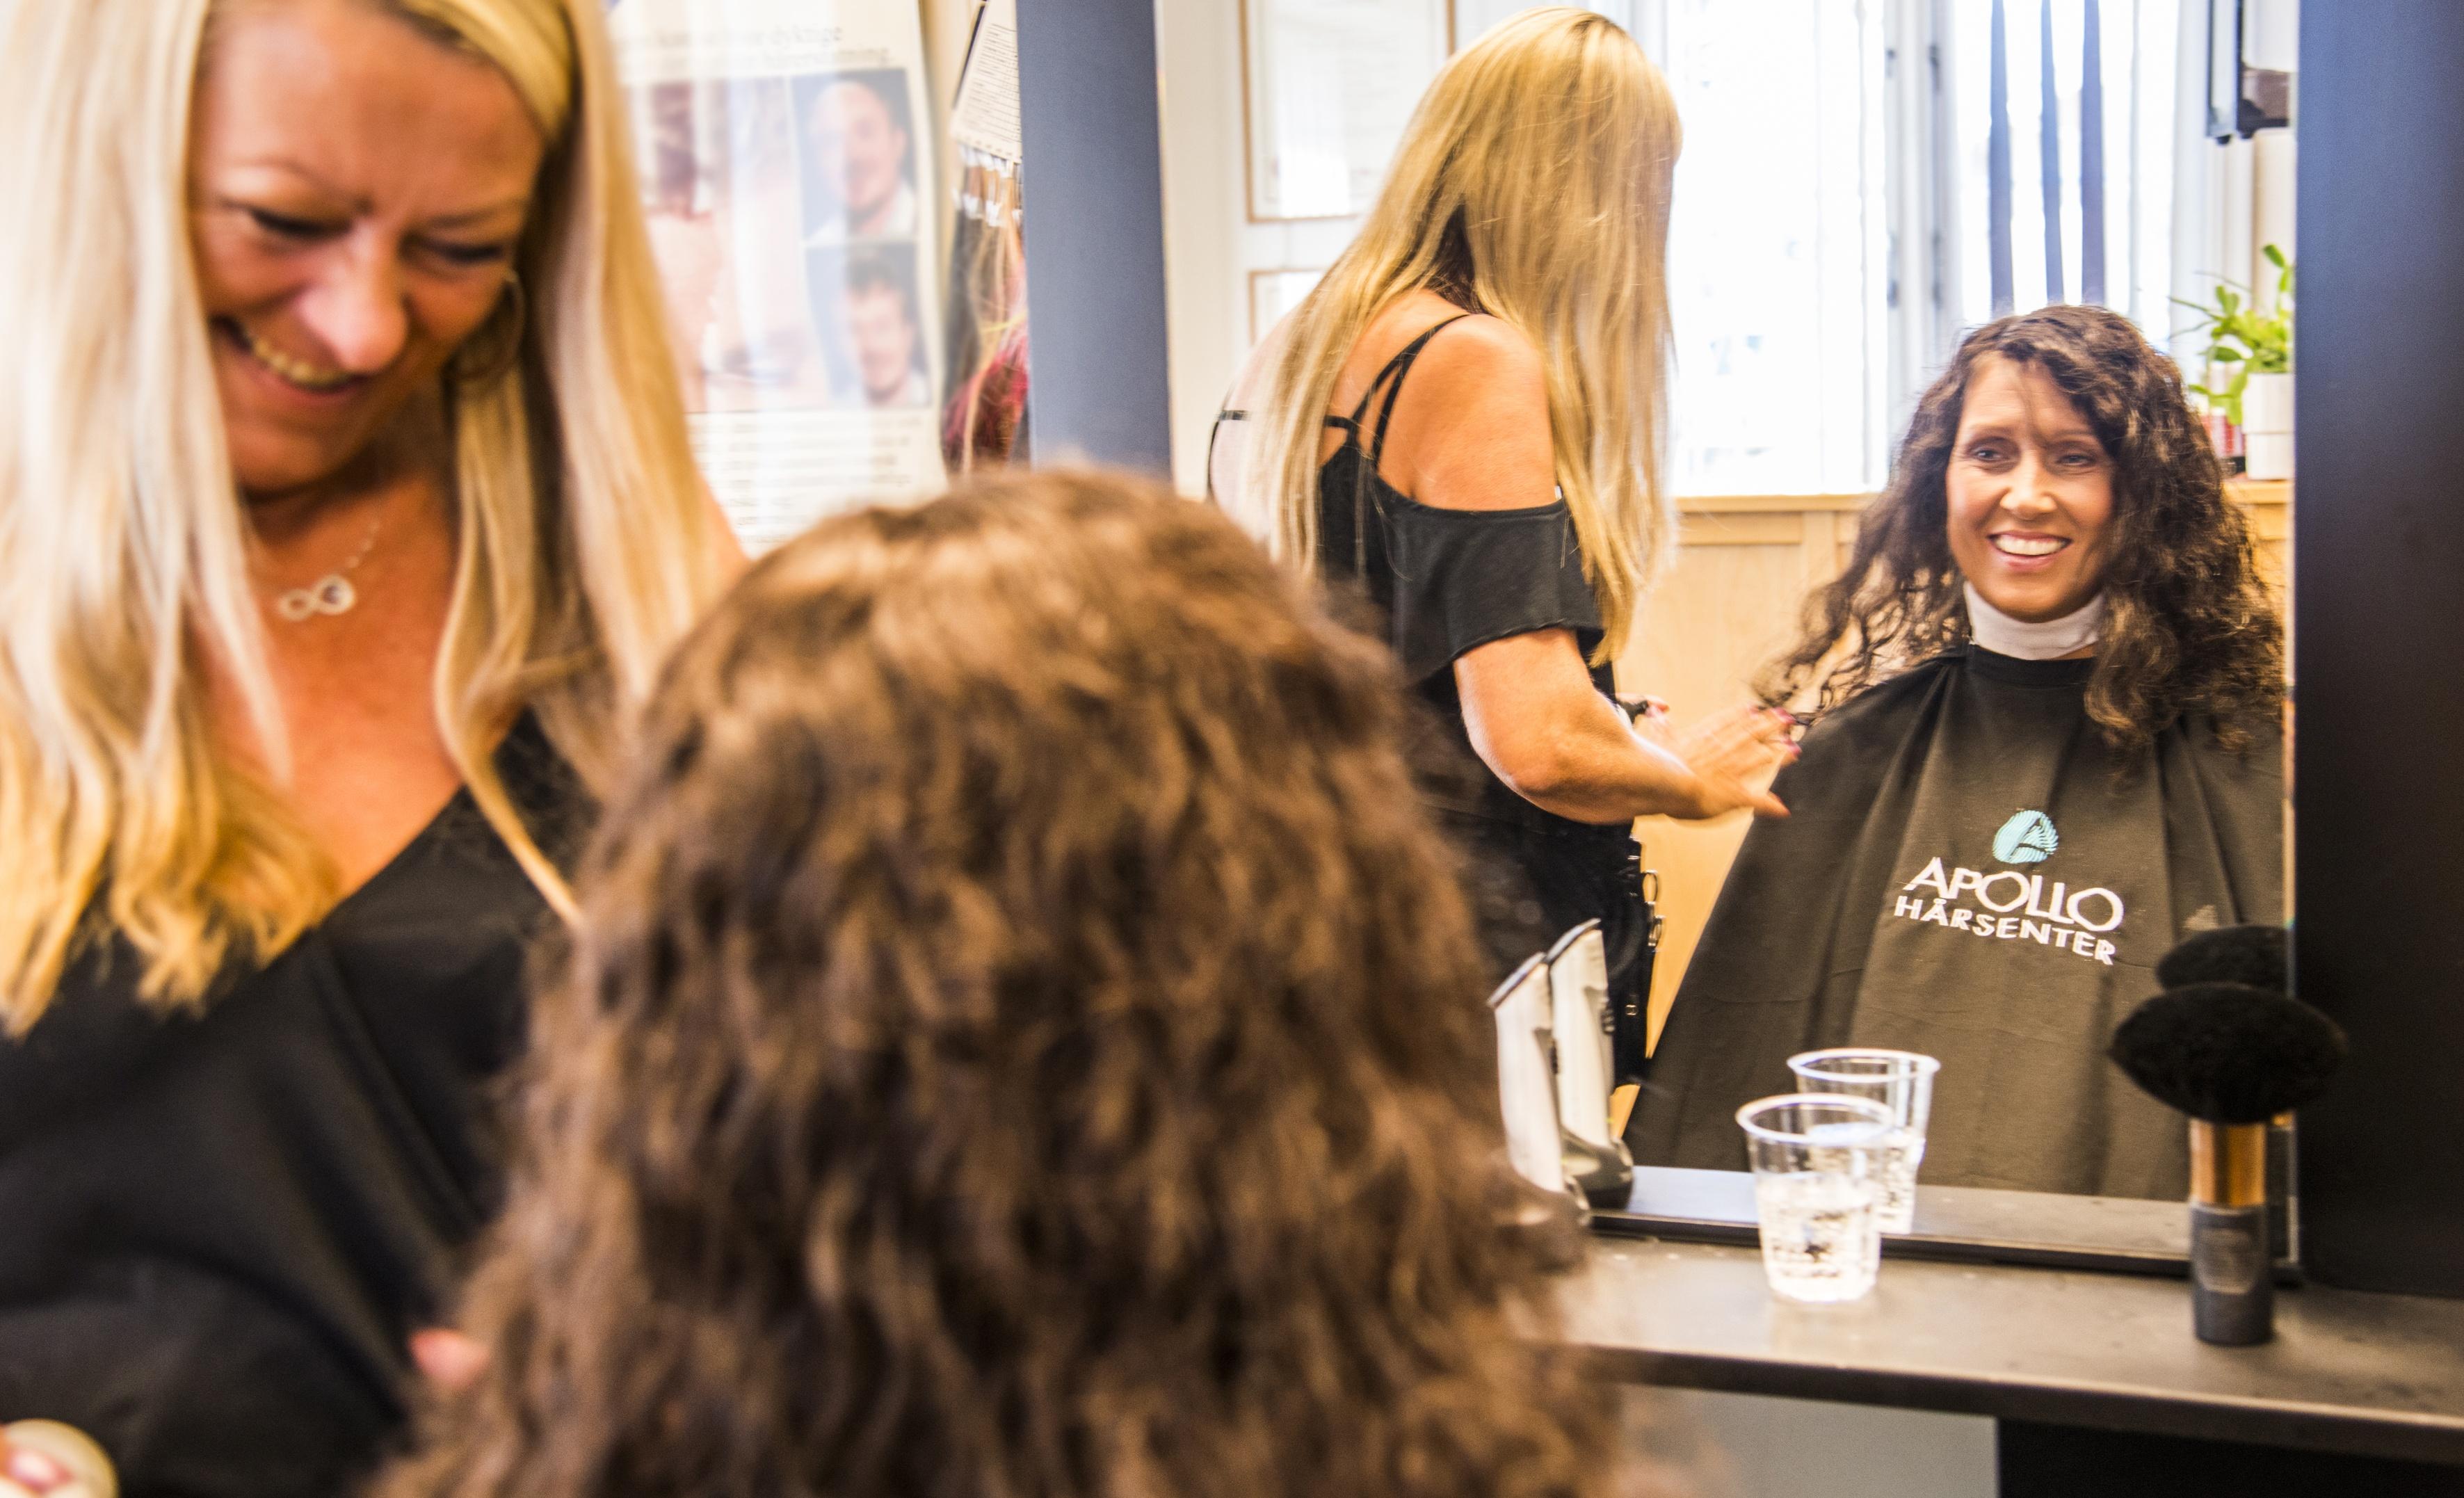 Cathrine sitter i salongen til Apollo Hårsenter Sandefjord. Hun ser seg i speilet og smiler.